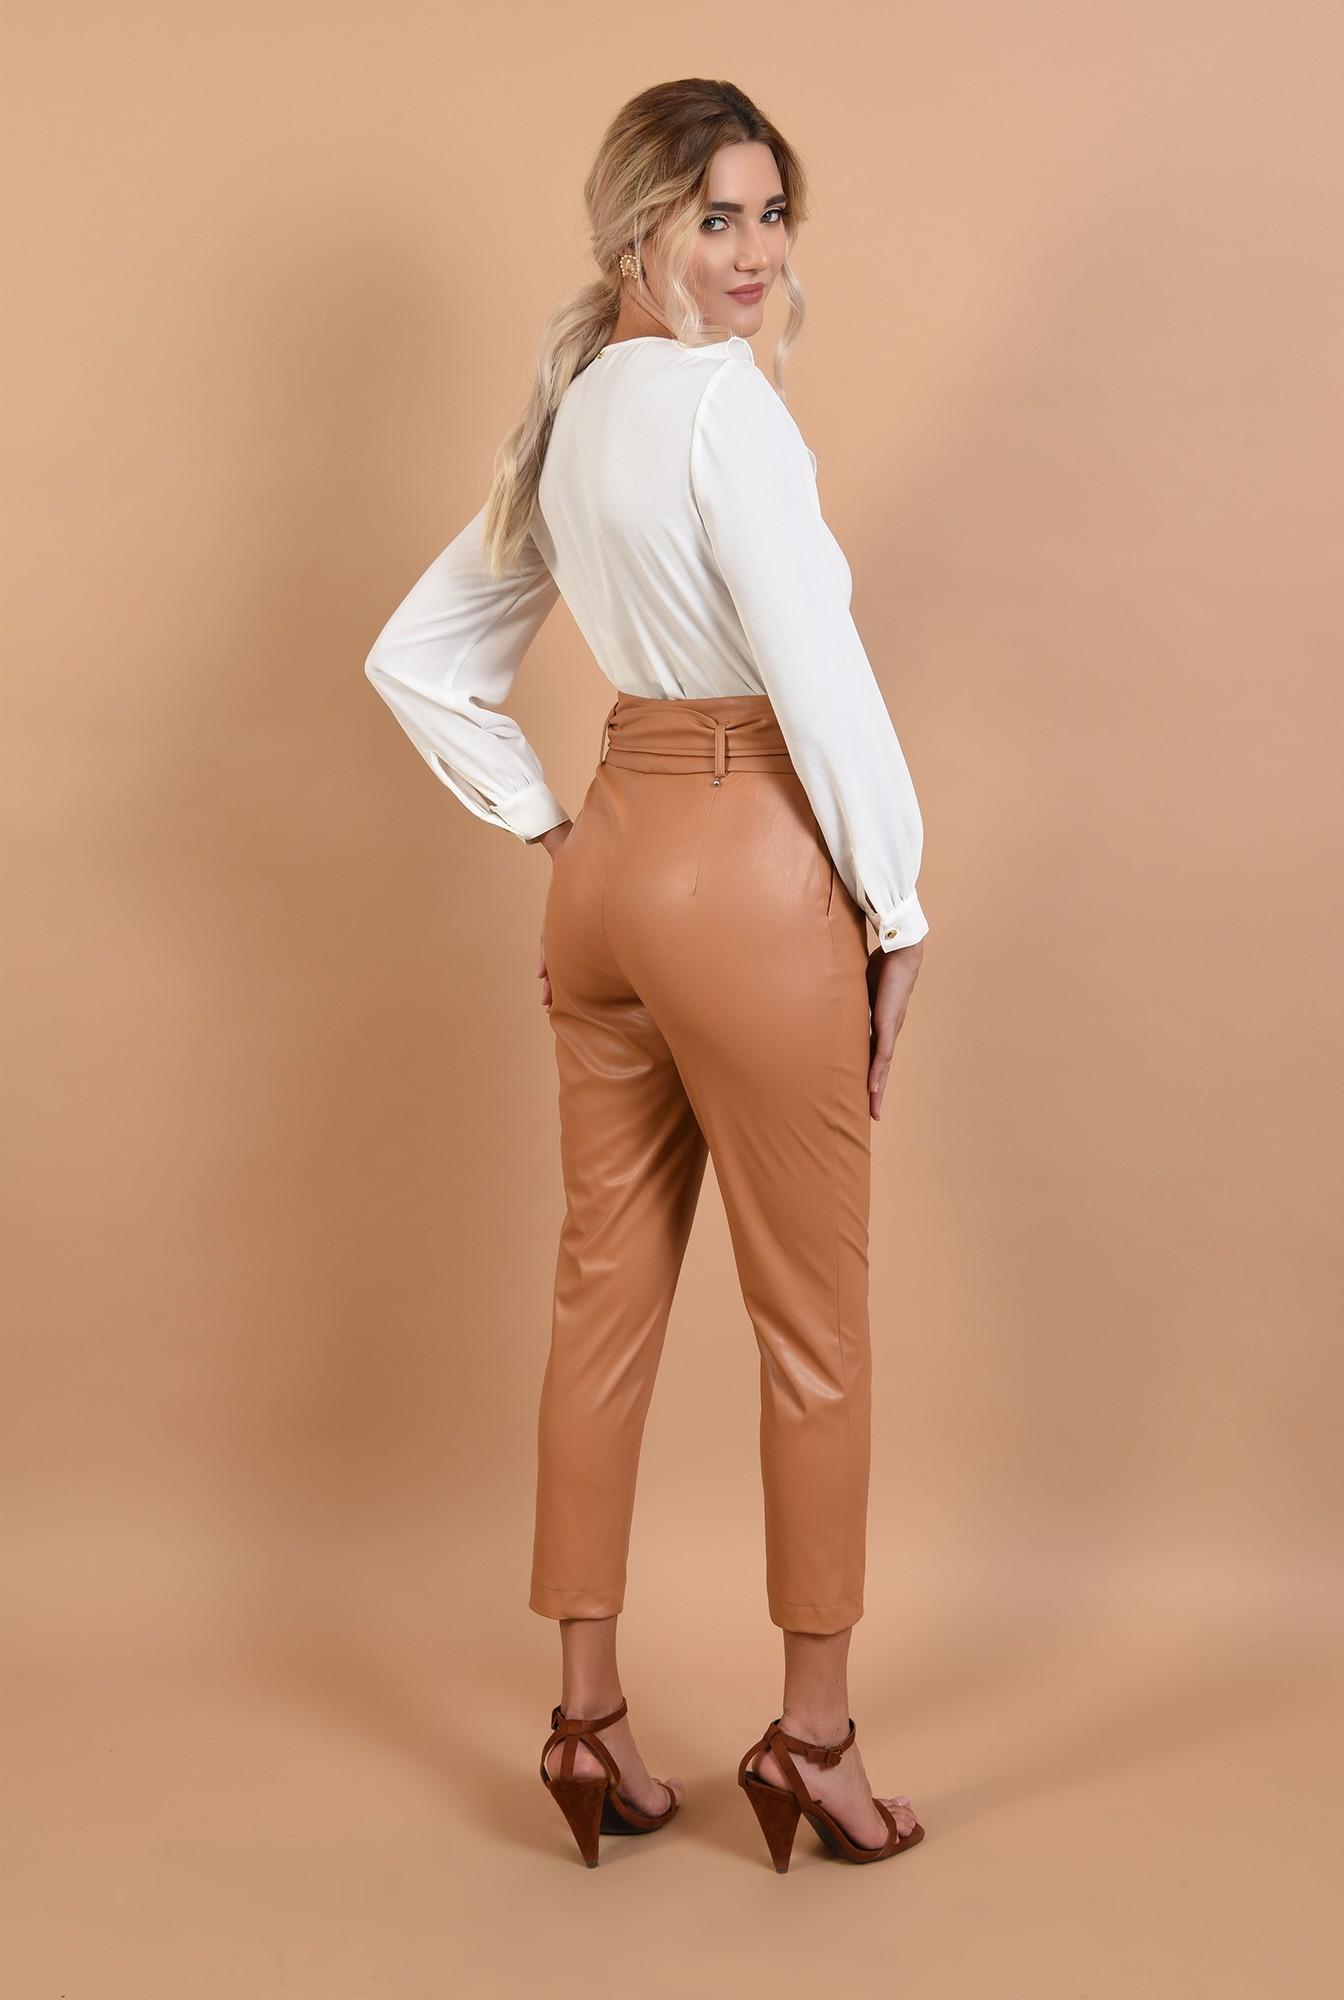 1 - pantaloni tigareta, betelie lata, capse, cusatura pe mijloc